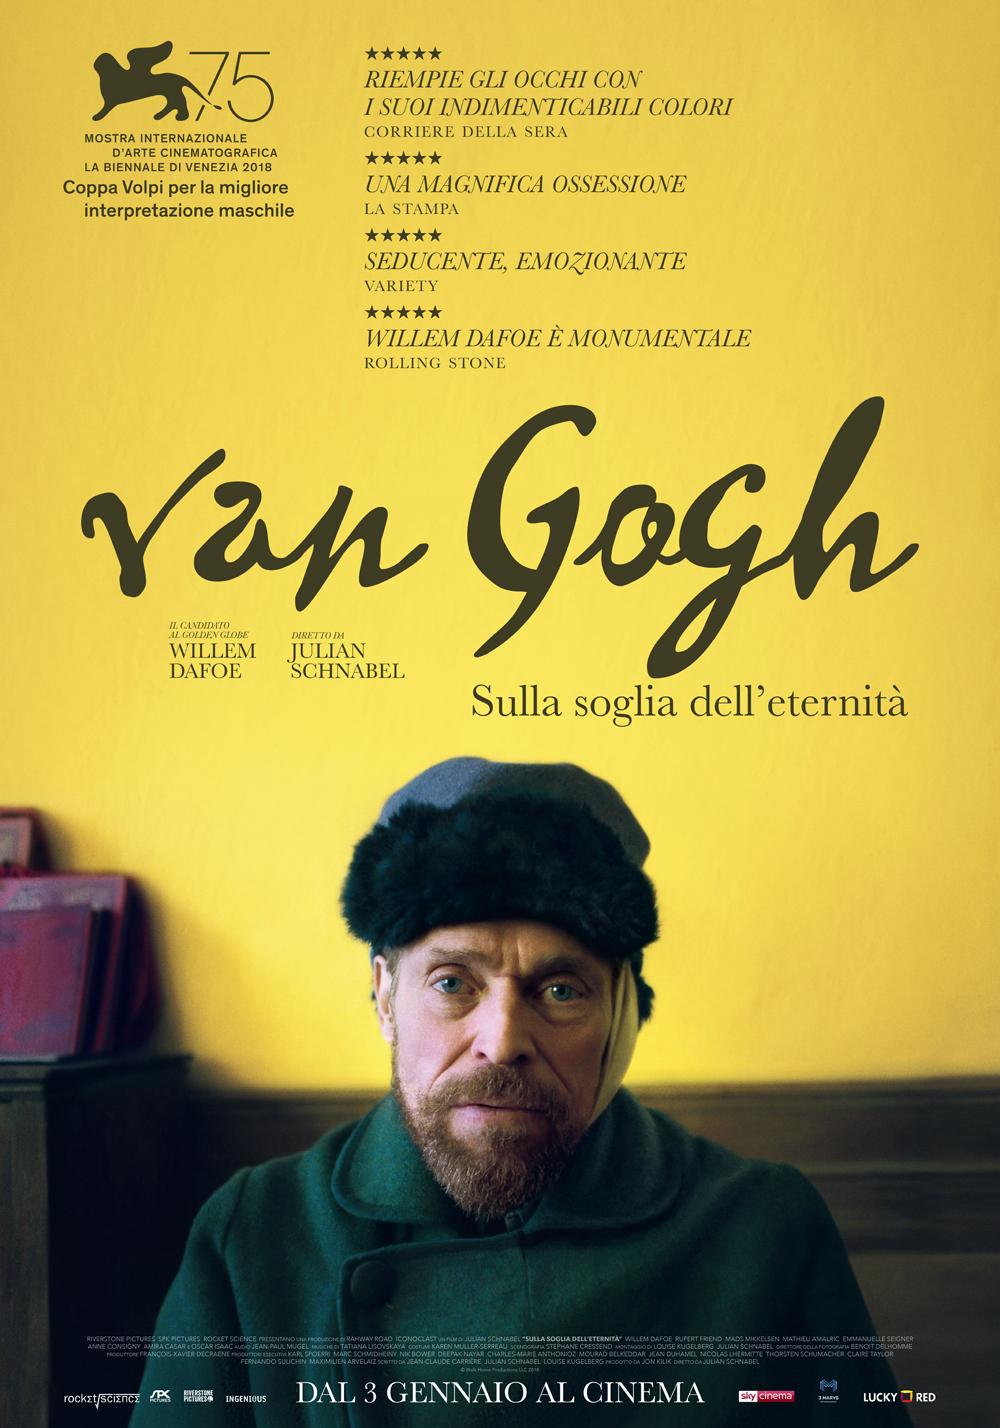 In foto Willem Dafoe (65 anni) Dall'articolo: Van Gogh - Sulla soglia dell'eternità, il poster italiano del film.